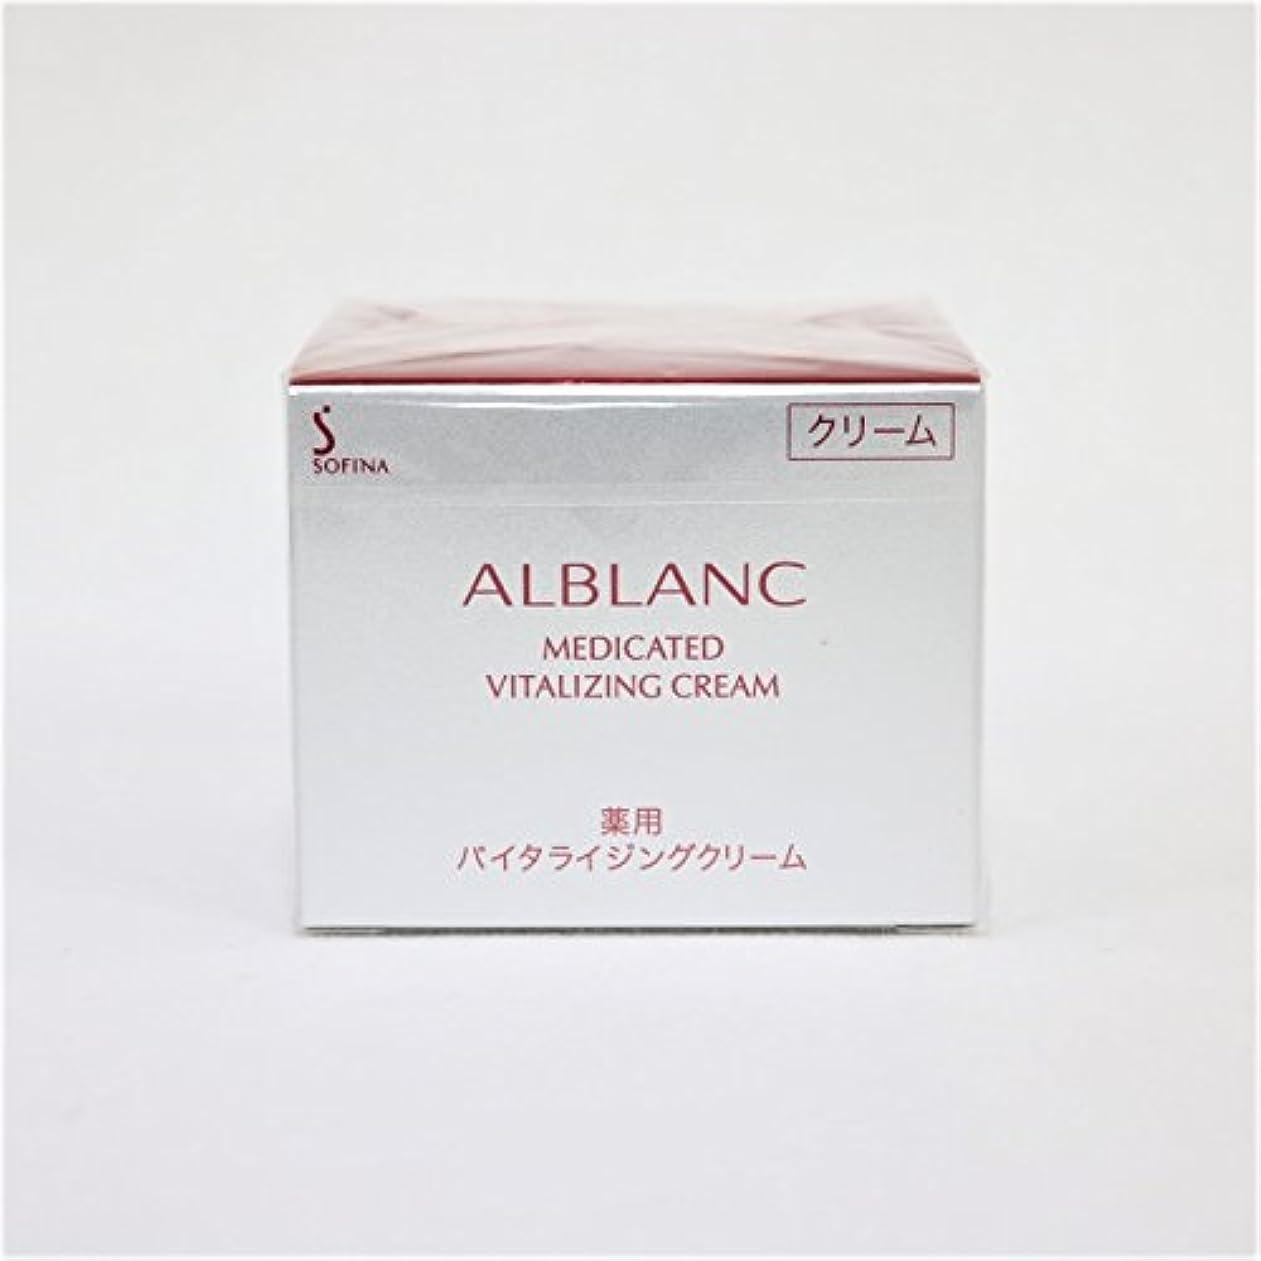 スマイルファウルところでソフィーナ アルブラン 薬用バイタライジングクリーム 40g